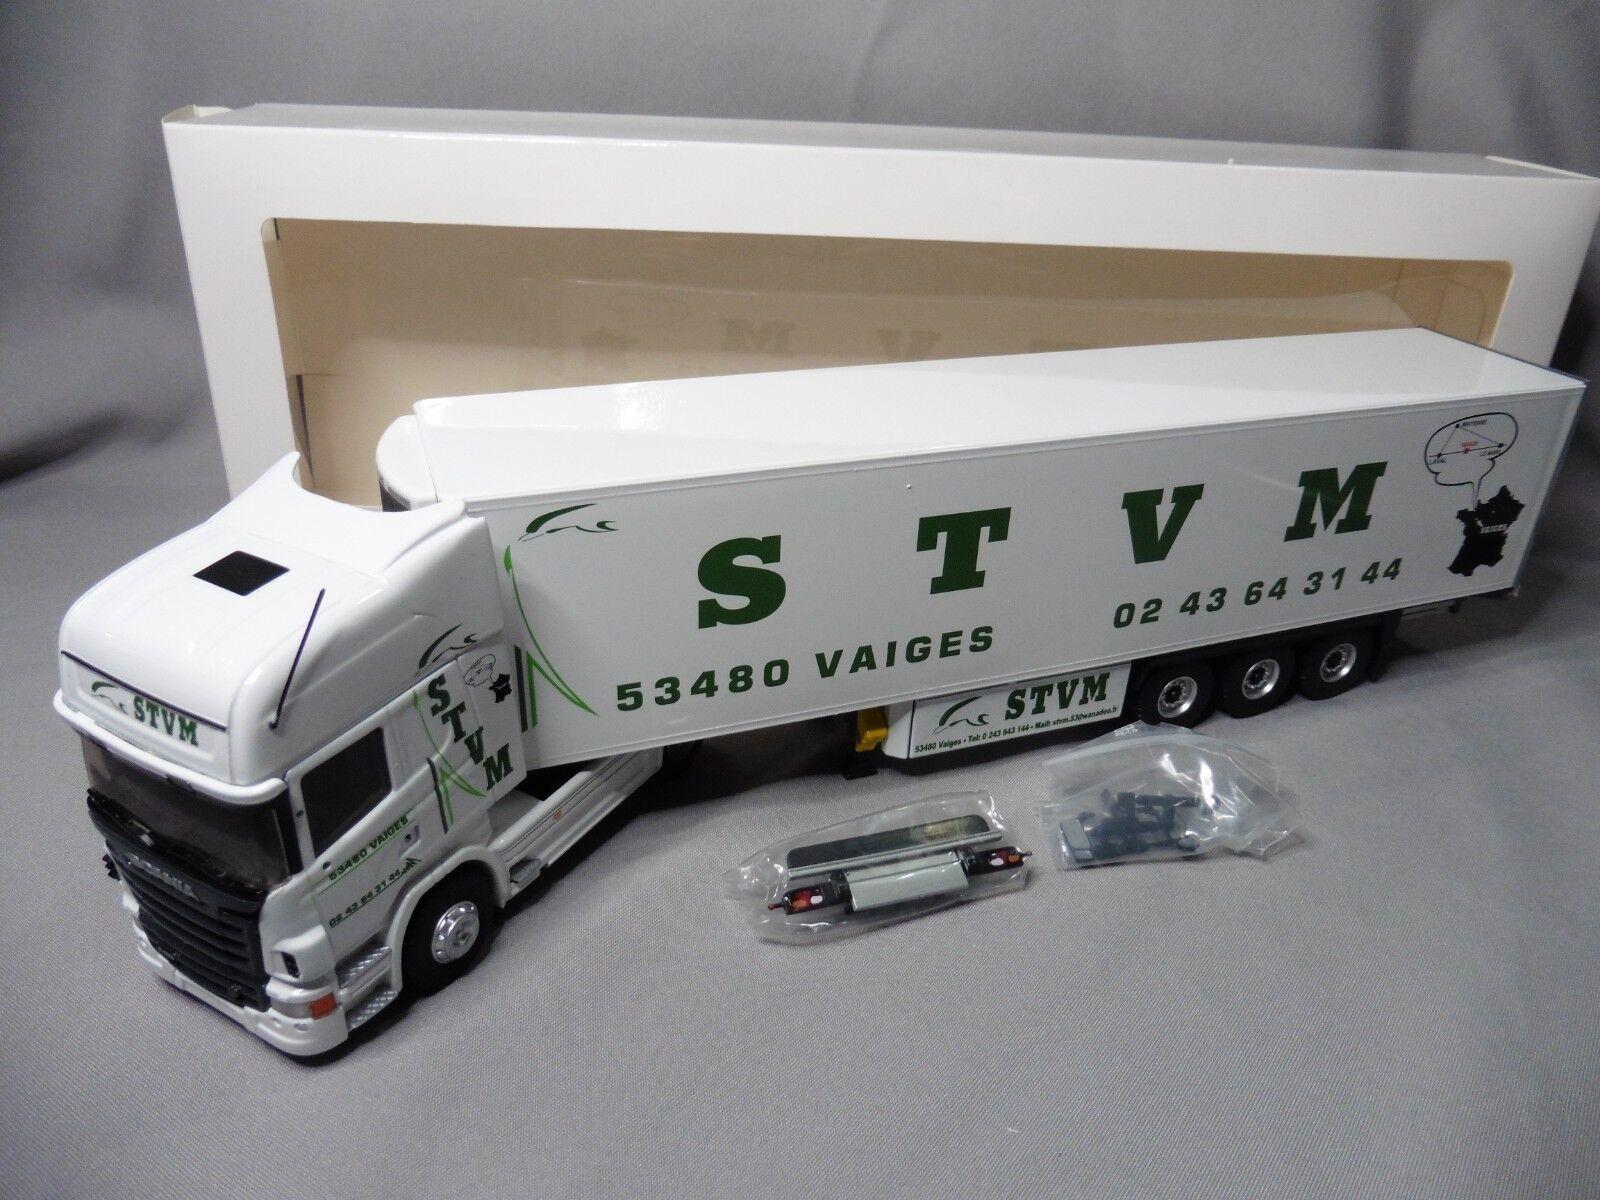 Dv8748 eligor 1 43 scania serie r new transport stvm 115023